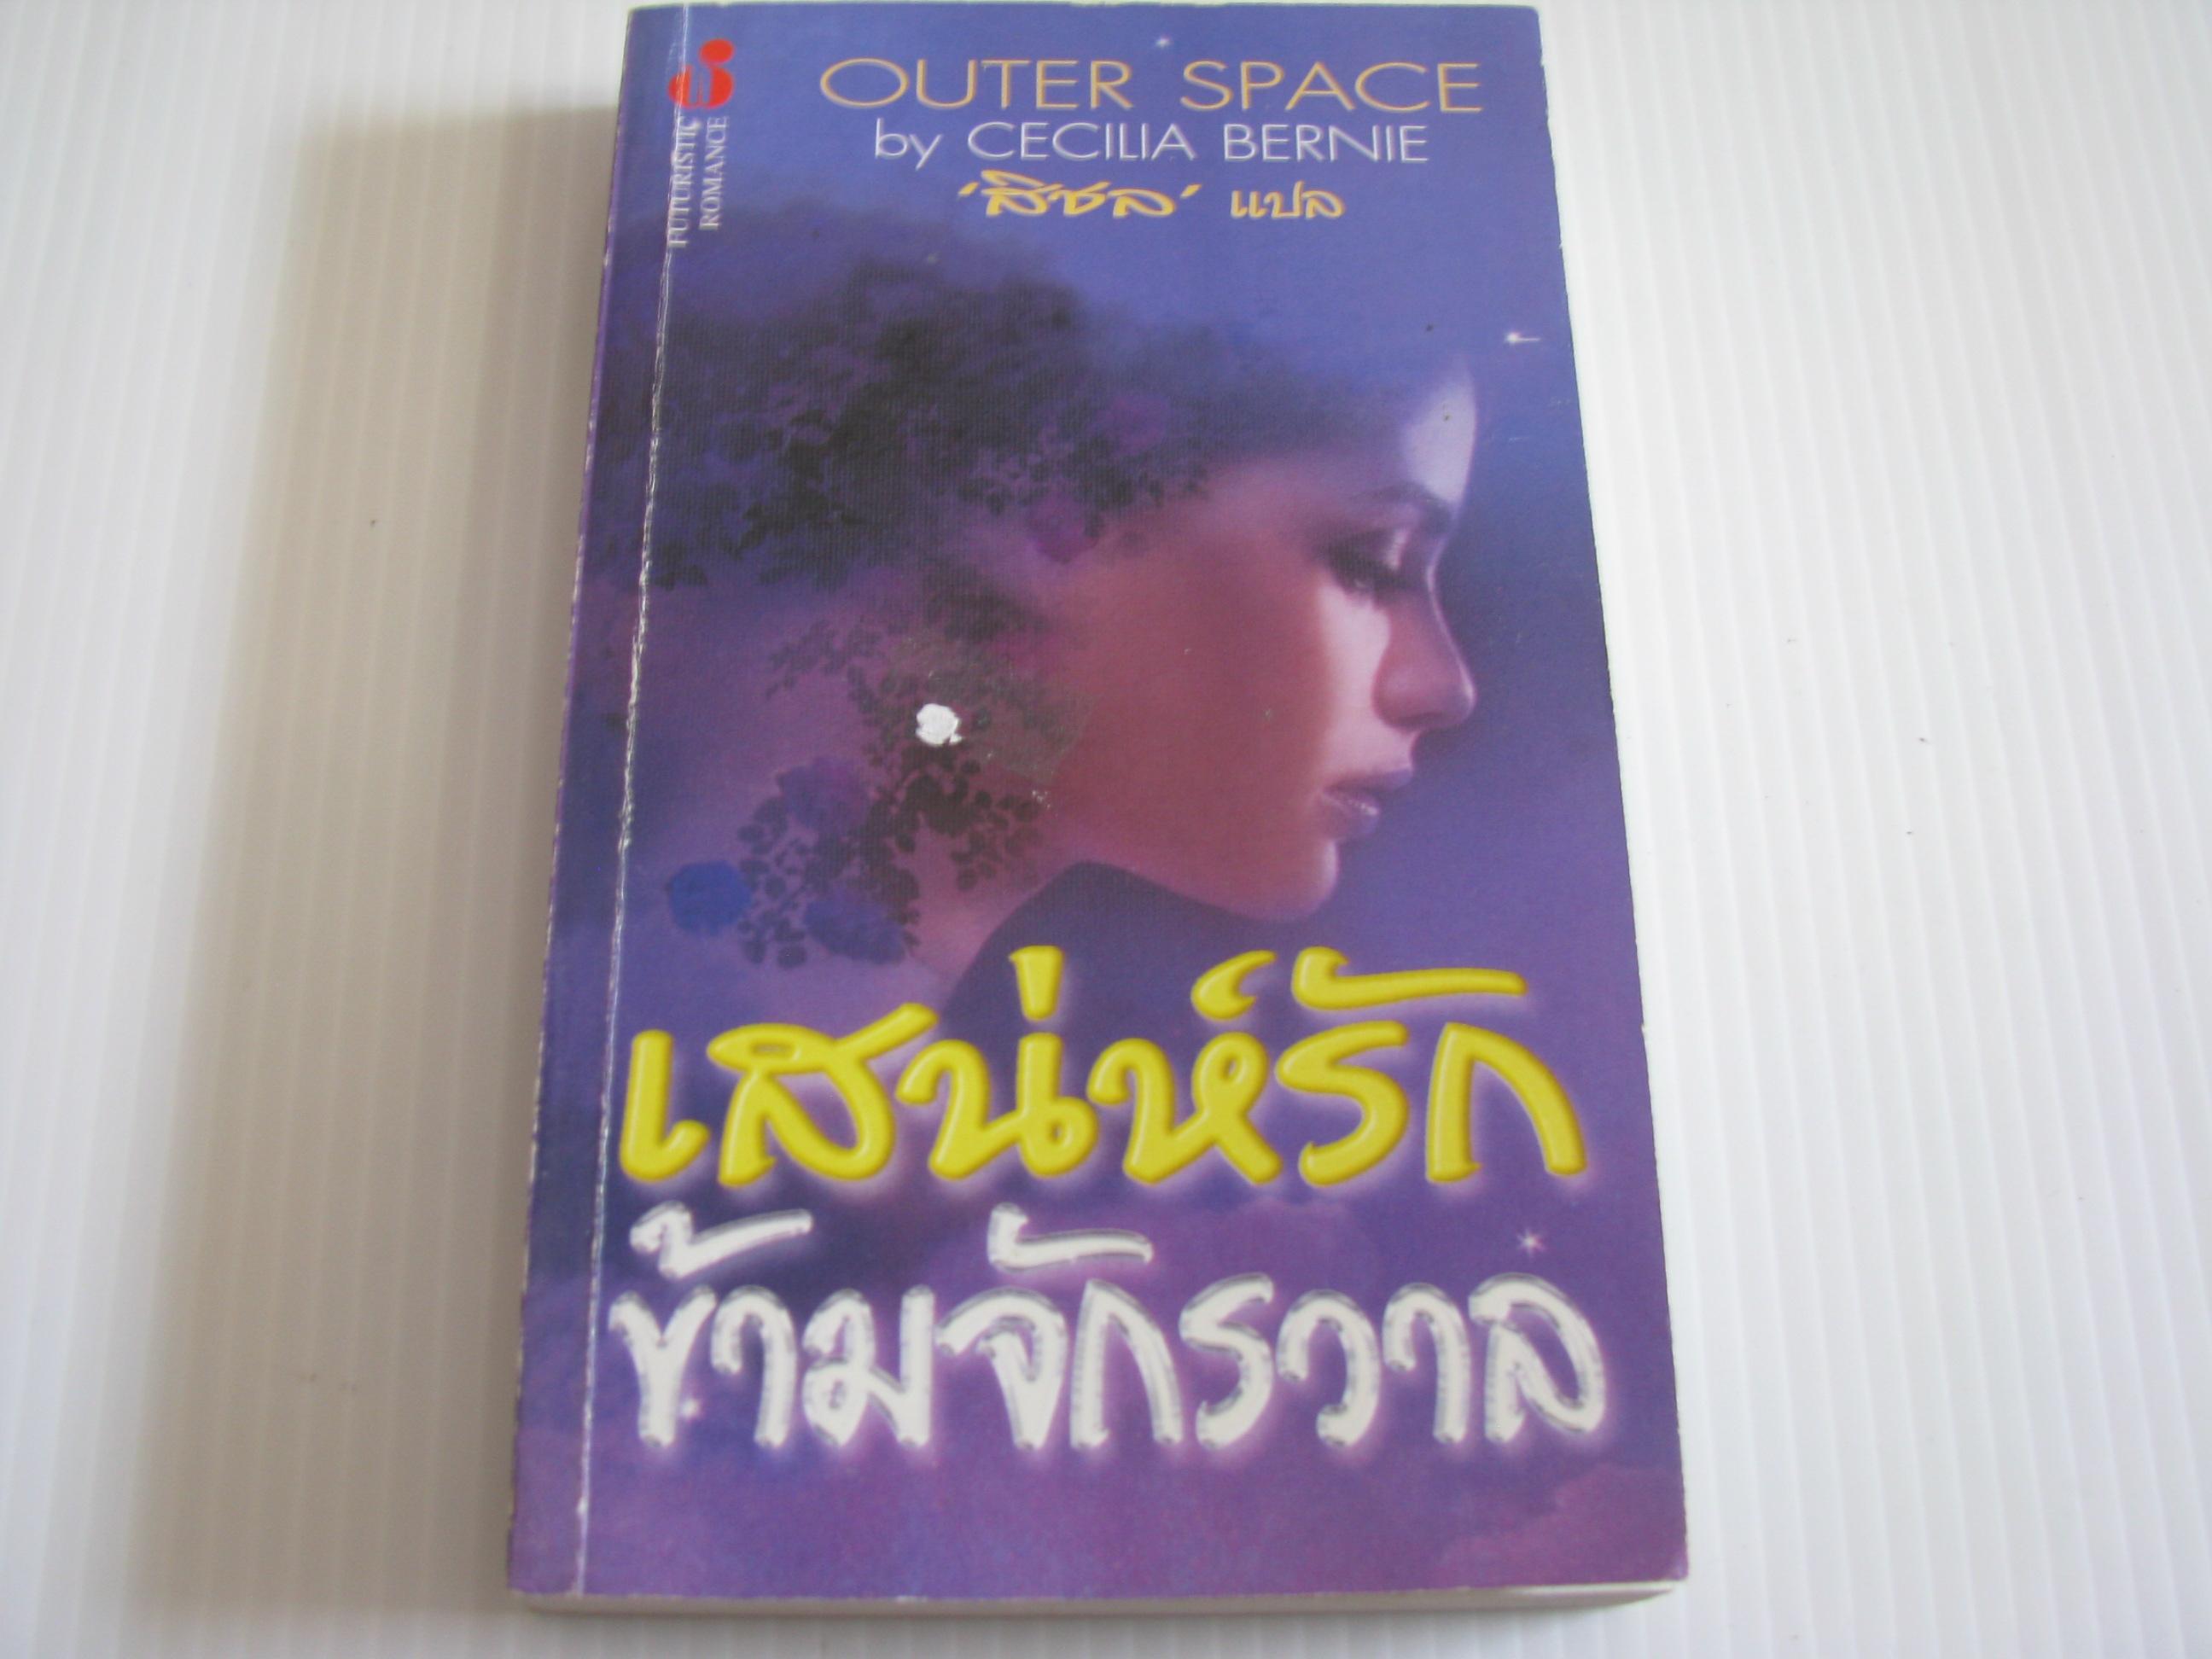 เสน่ห์รักข้ามจักรวาล (Outer Space) Cecilia Bernie เขียน สิชล แปล